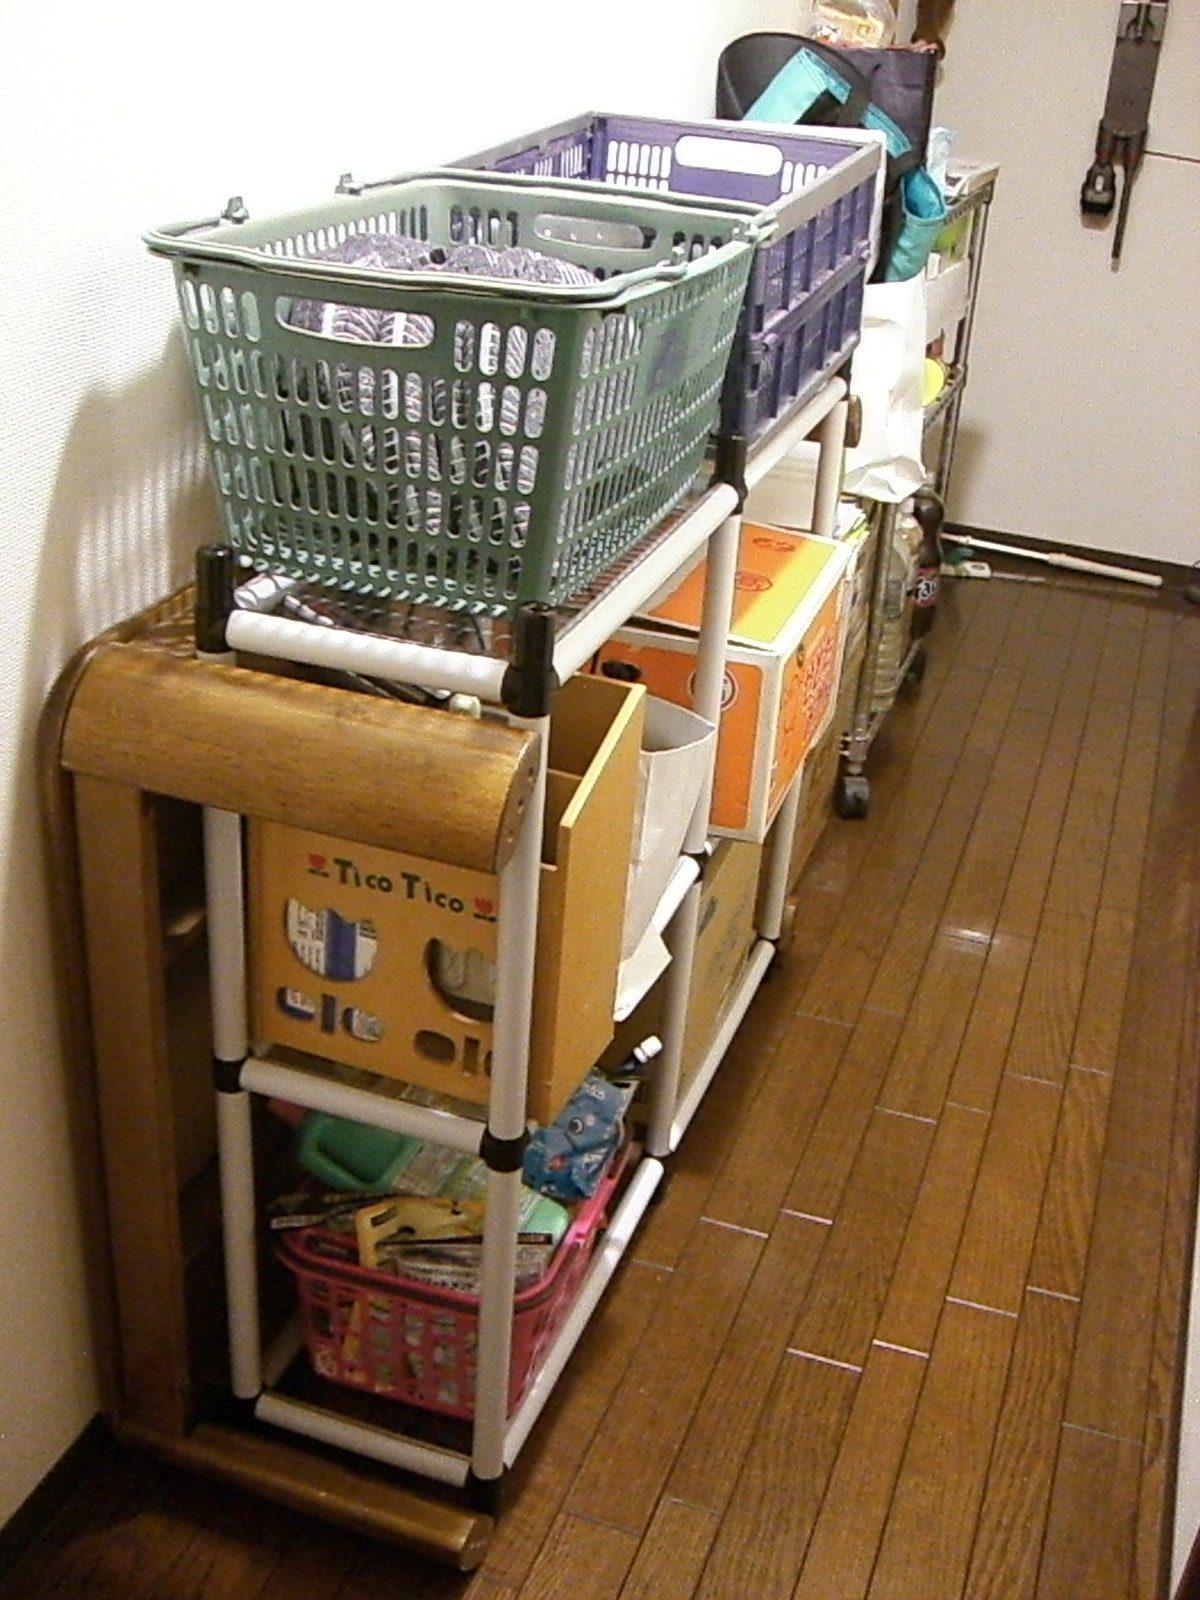 スタンダードパイプ オーダーキット(OST4-WH) こたつテーブル置き場の収納スペースに 設置後